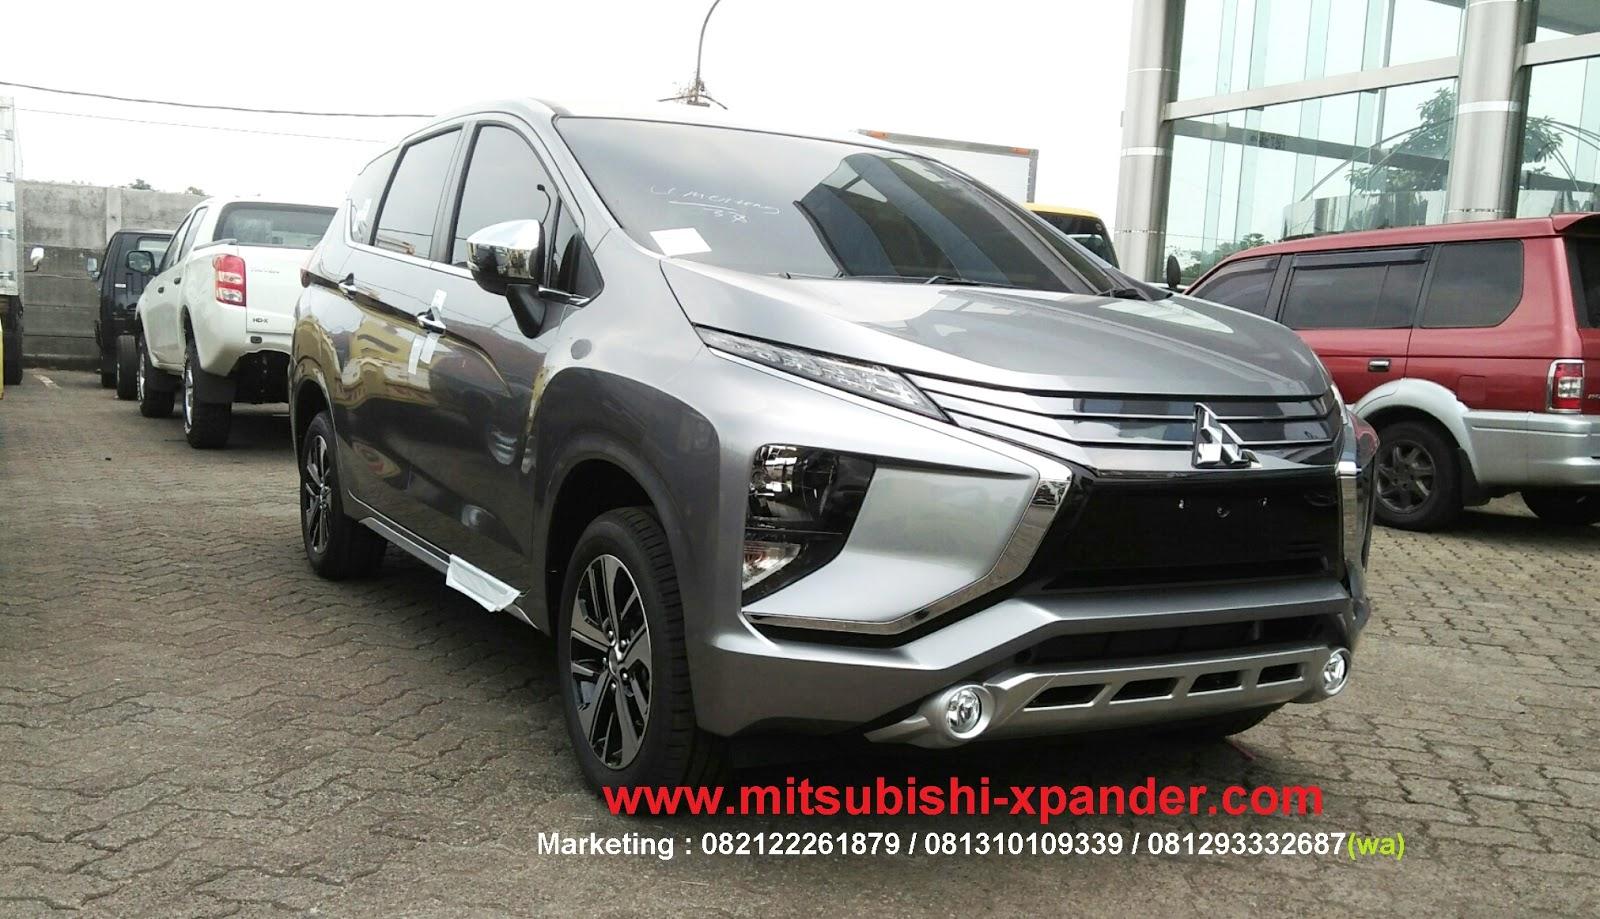 Grand New Avanza Vs Mitsubishi Xpander Veloz Ertiga Dreza Titatium Grey Pictures To Pin On